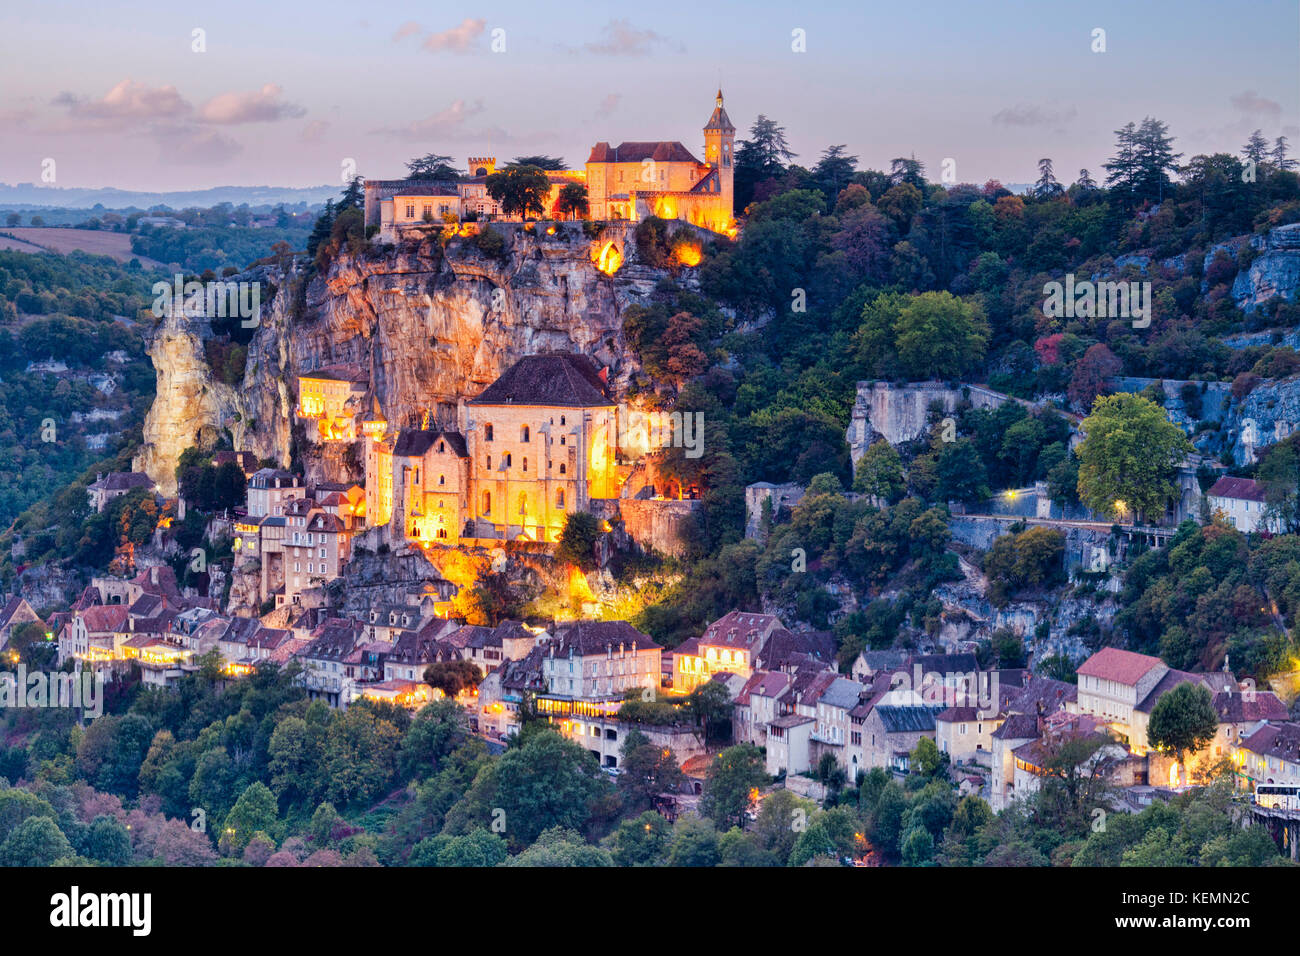 Dämmerung in der mittelalterlichen Stadt Rocamadour, im Tal der Dordogne, midi-Pyrenäen, Frankreich. Stockbild